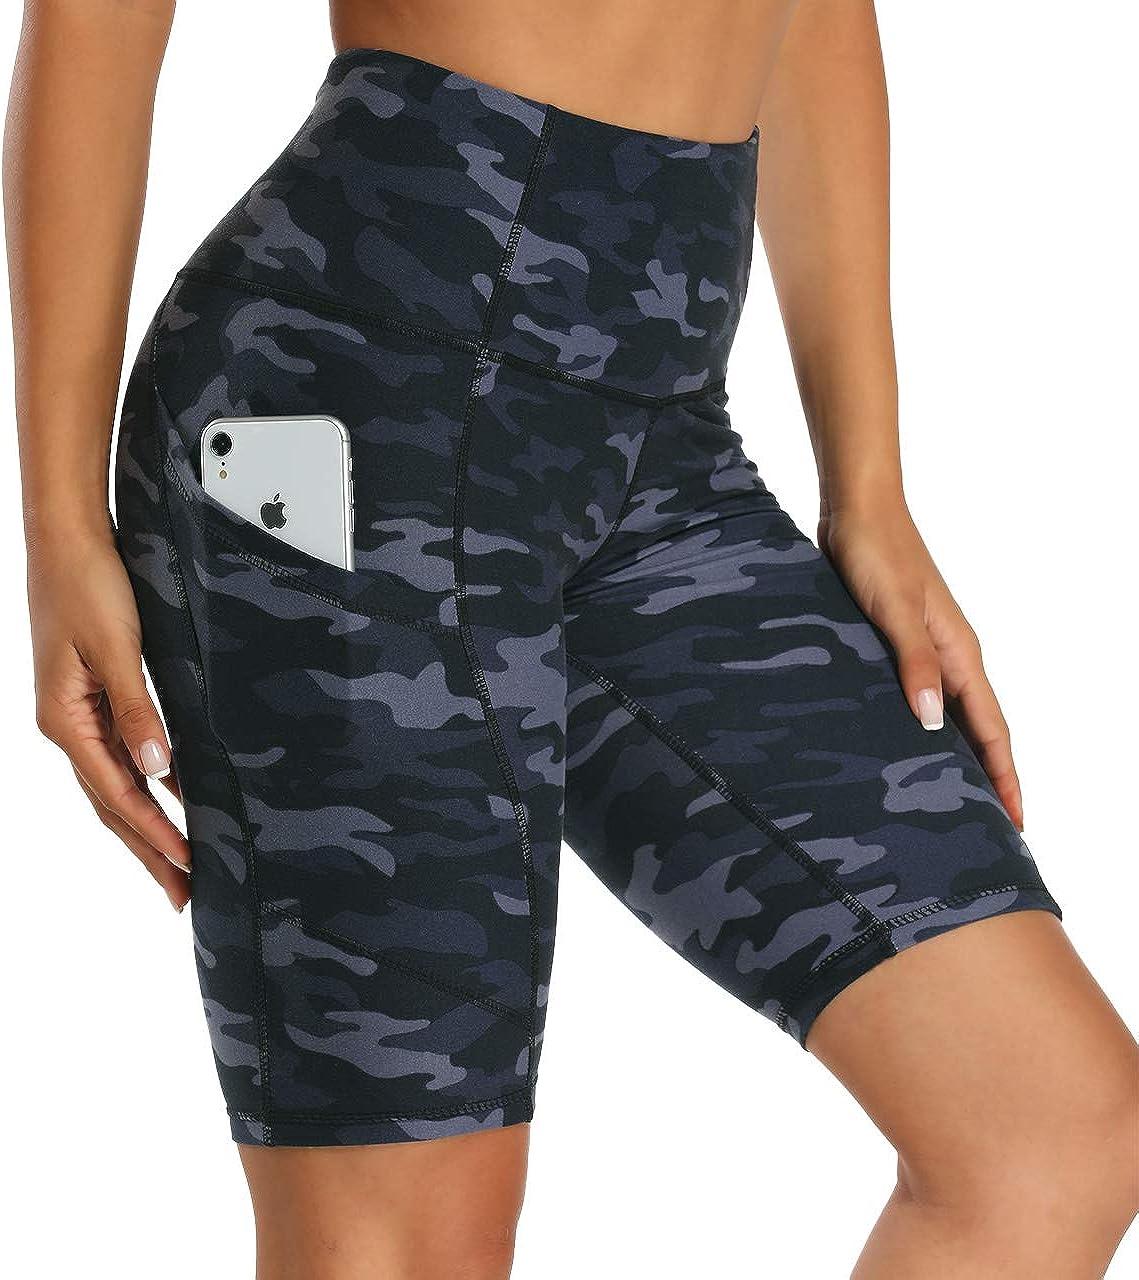 Hohe Taille Dehnbare Laufshorts mit Taschen HLTPRO Yoga Workout Biker Shorts f/ür Damen